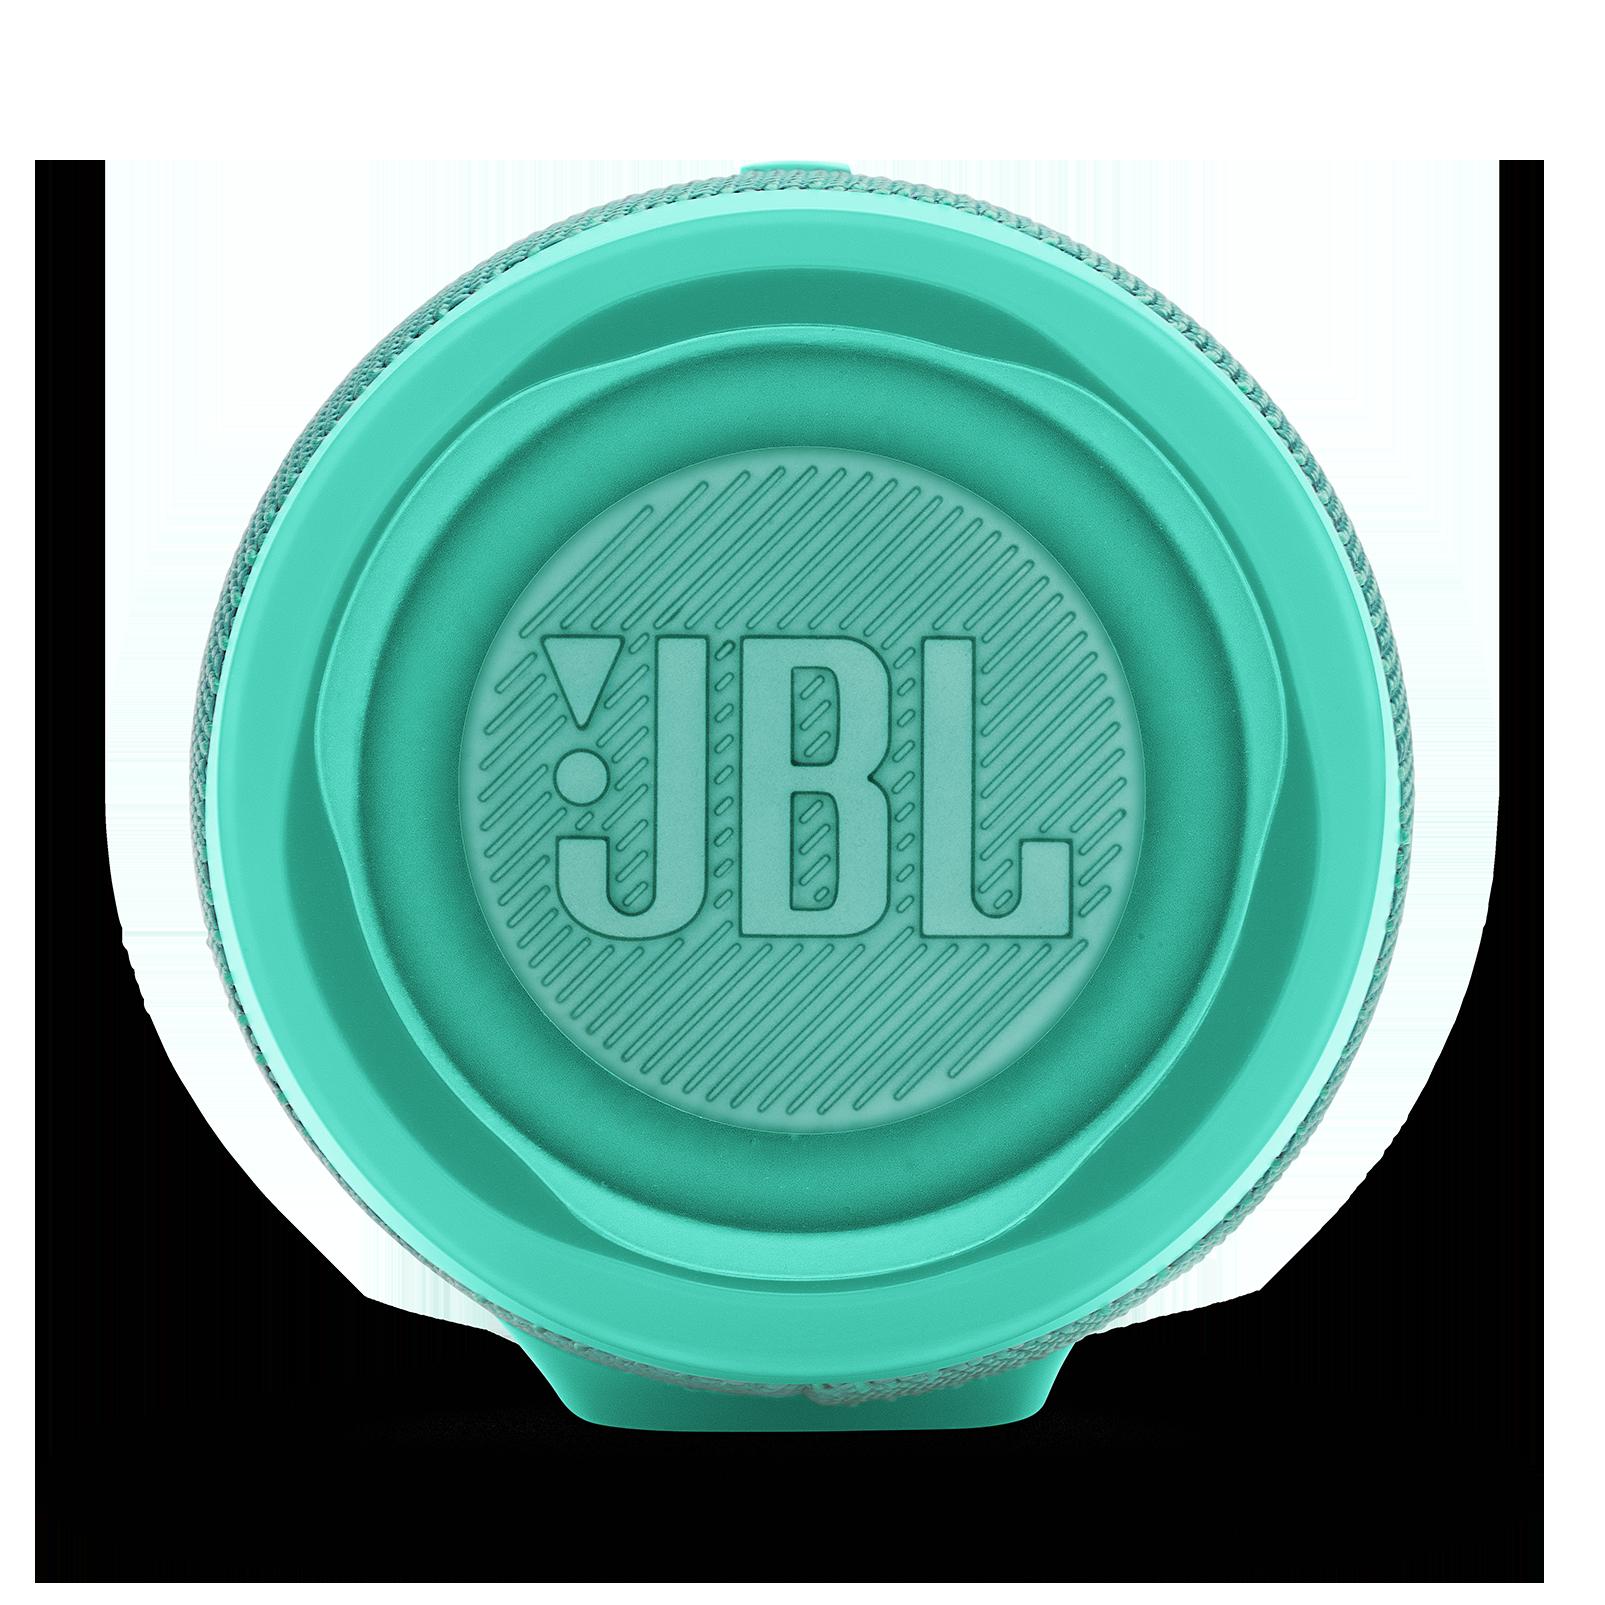 JBL Charge 4 - Teal - Portable Bluetooth speaker - Detailshot 2